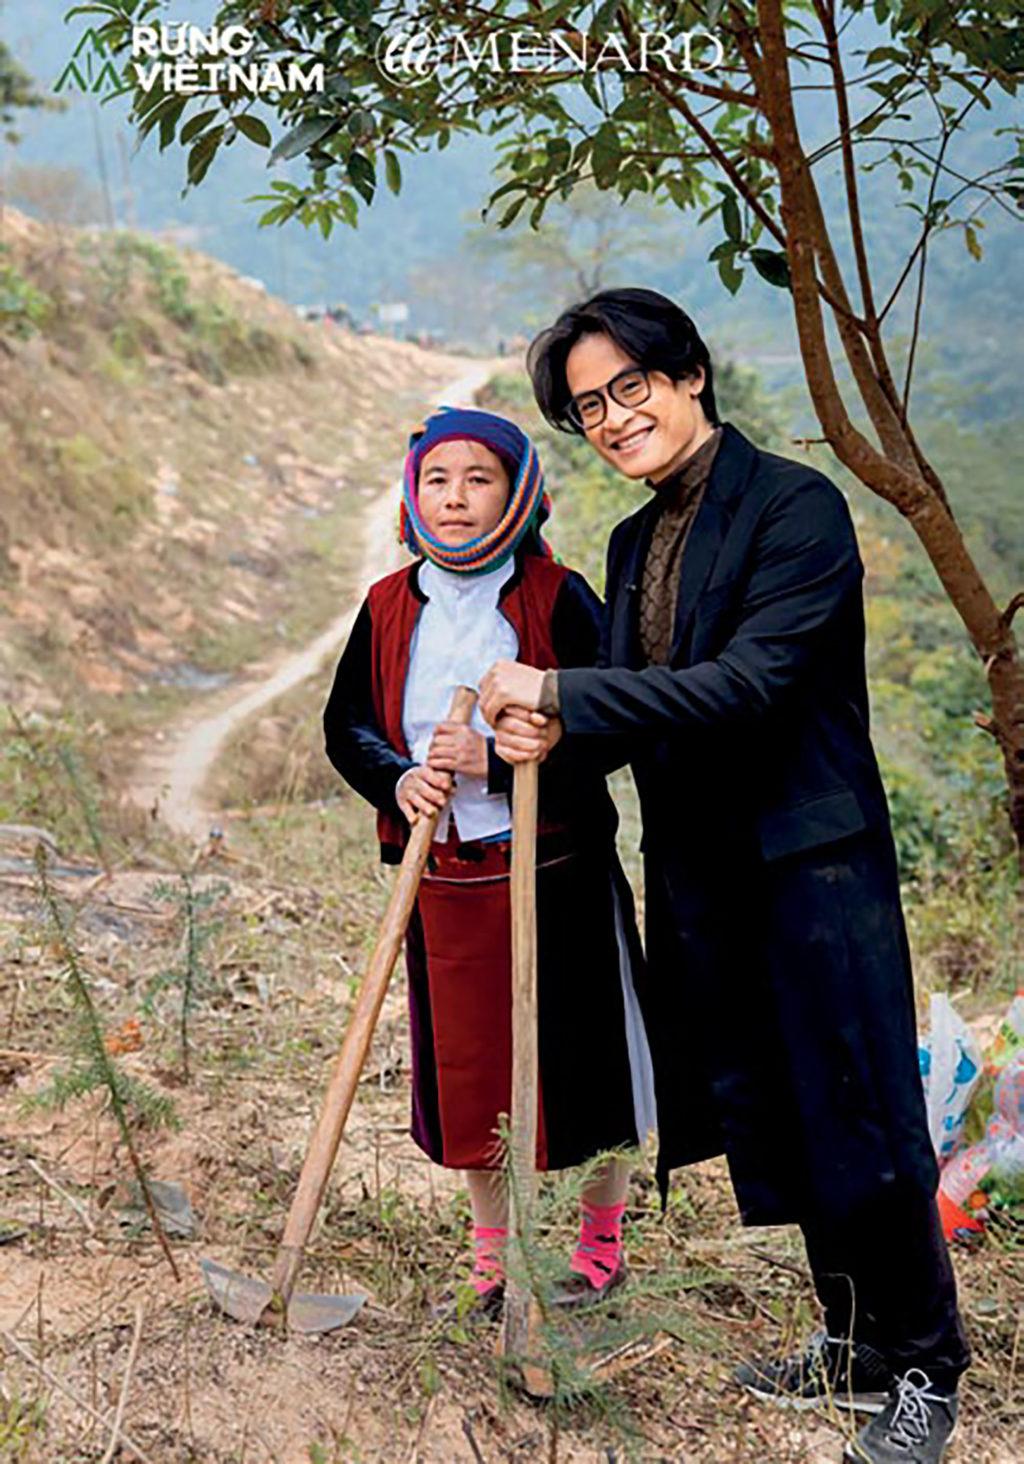 Hà Anh Tuấn cùng người dân bản địa